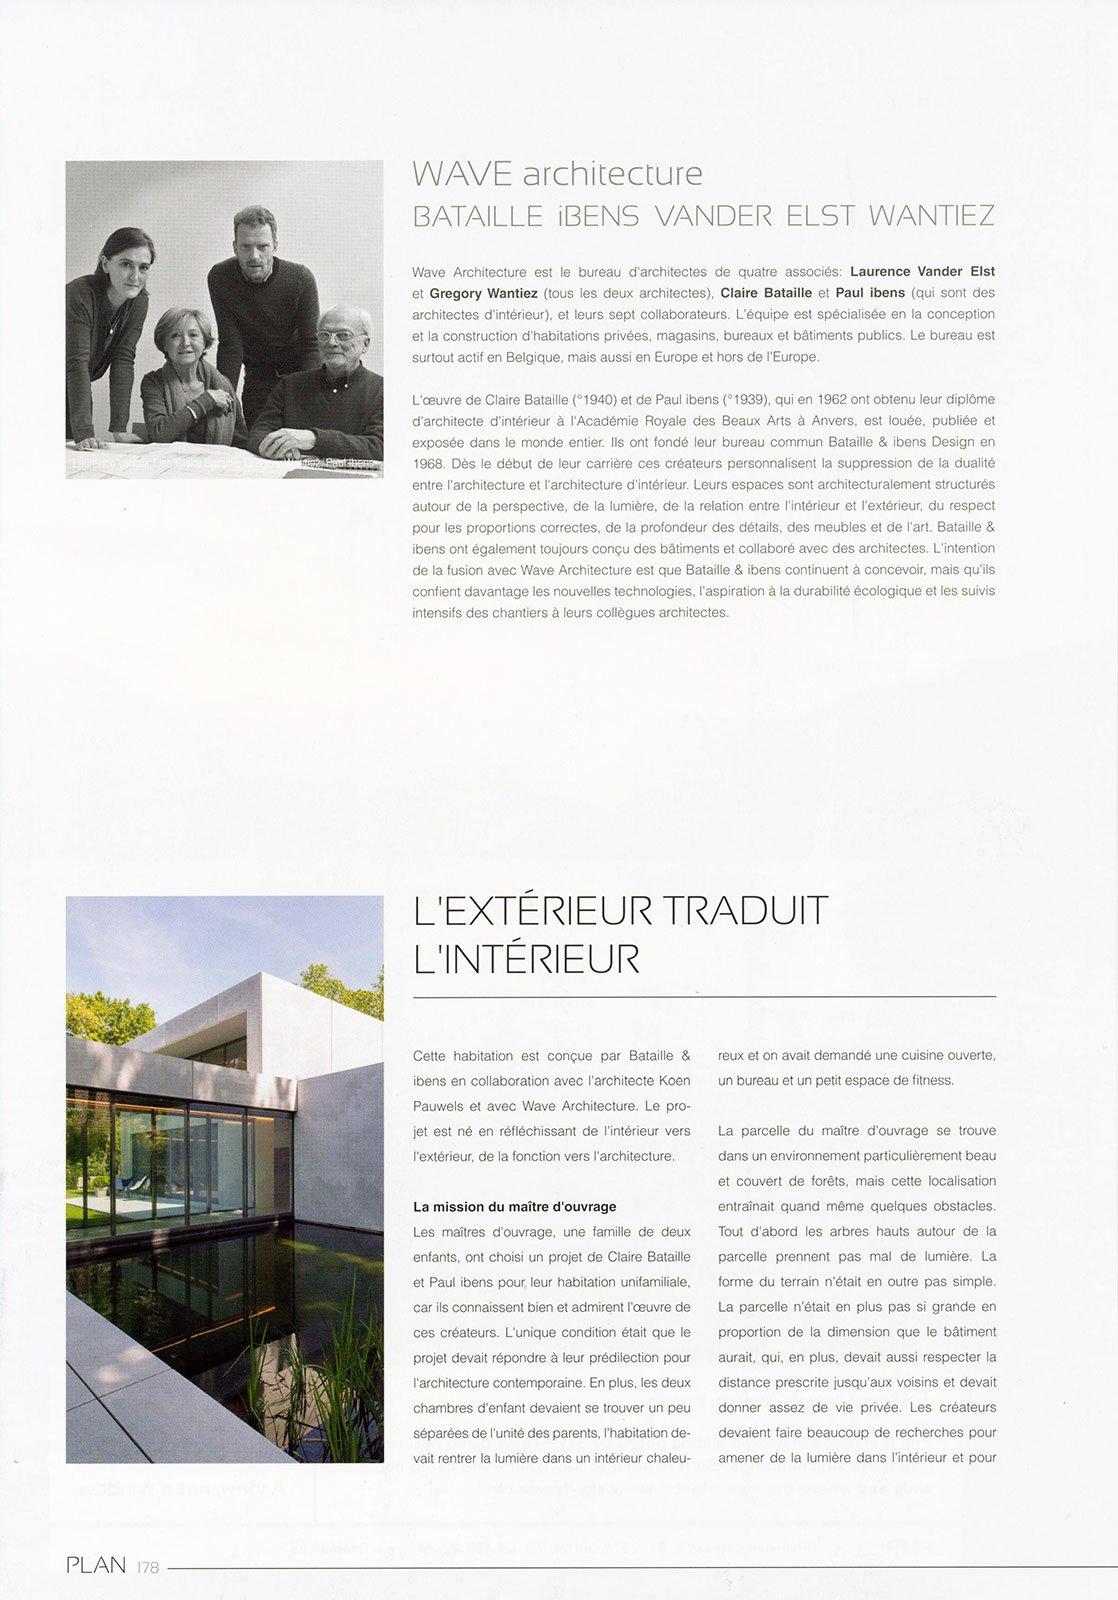 Architecte D Intérieur En Belgique plan ~ press ~ wave architecture